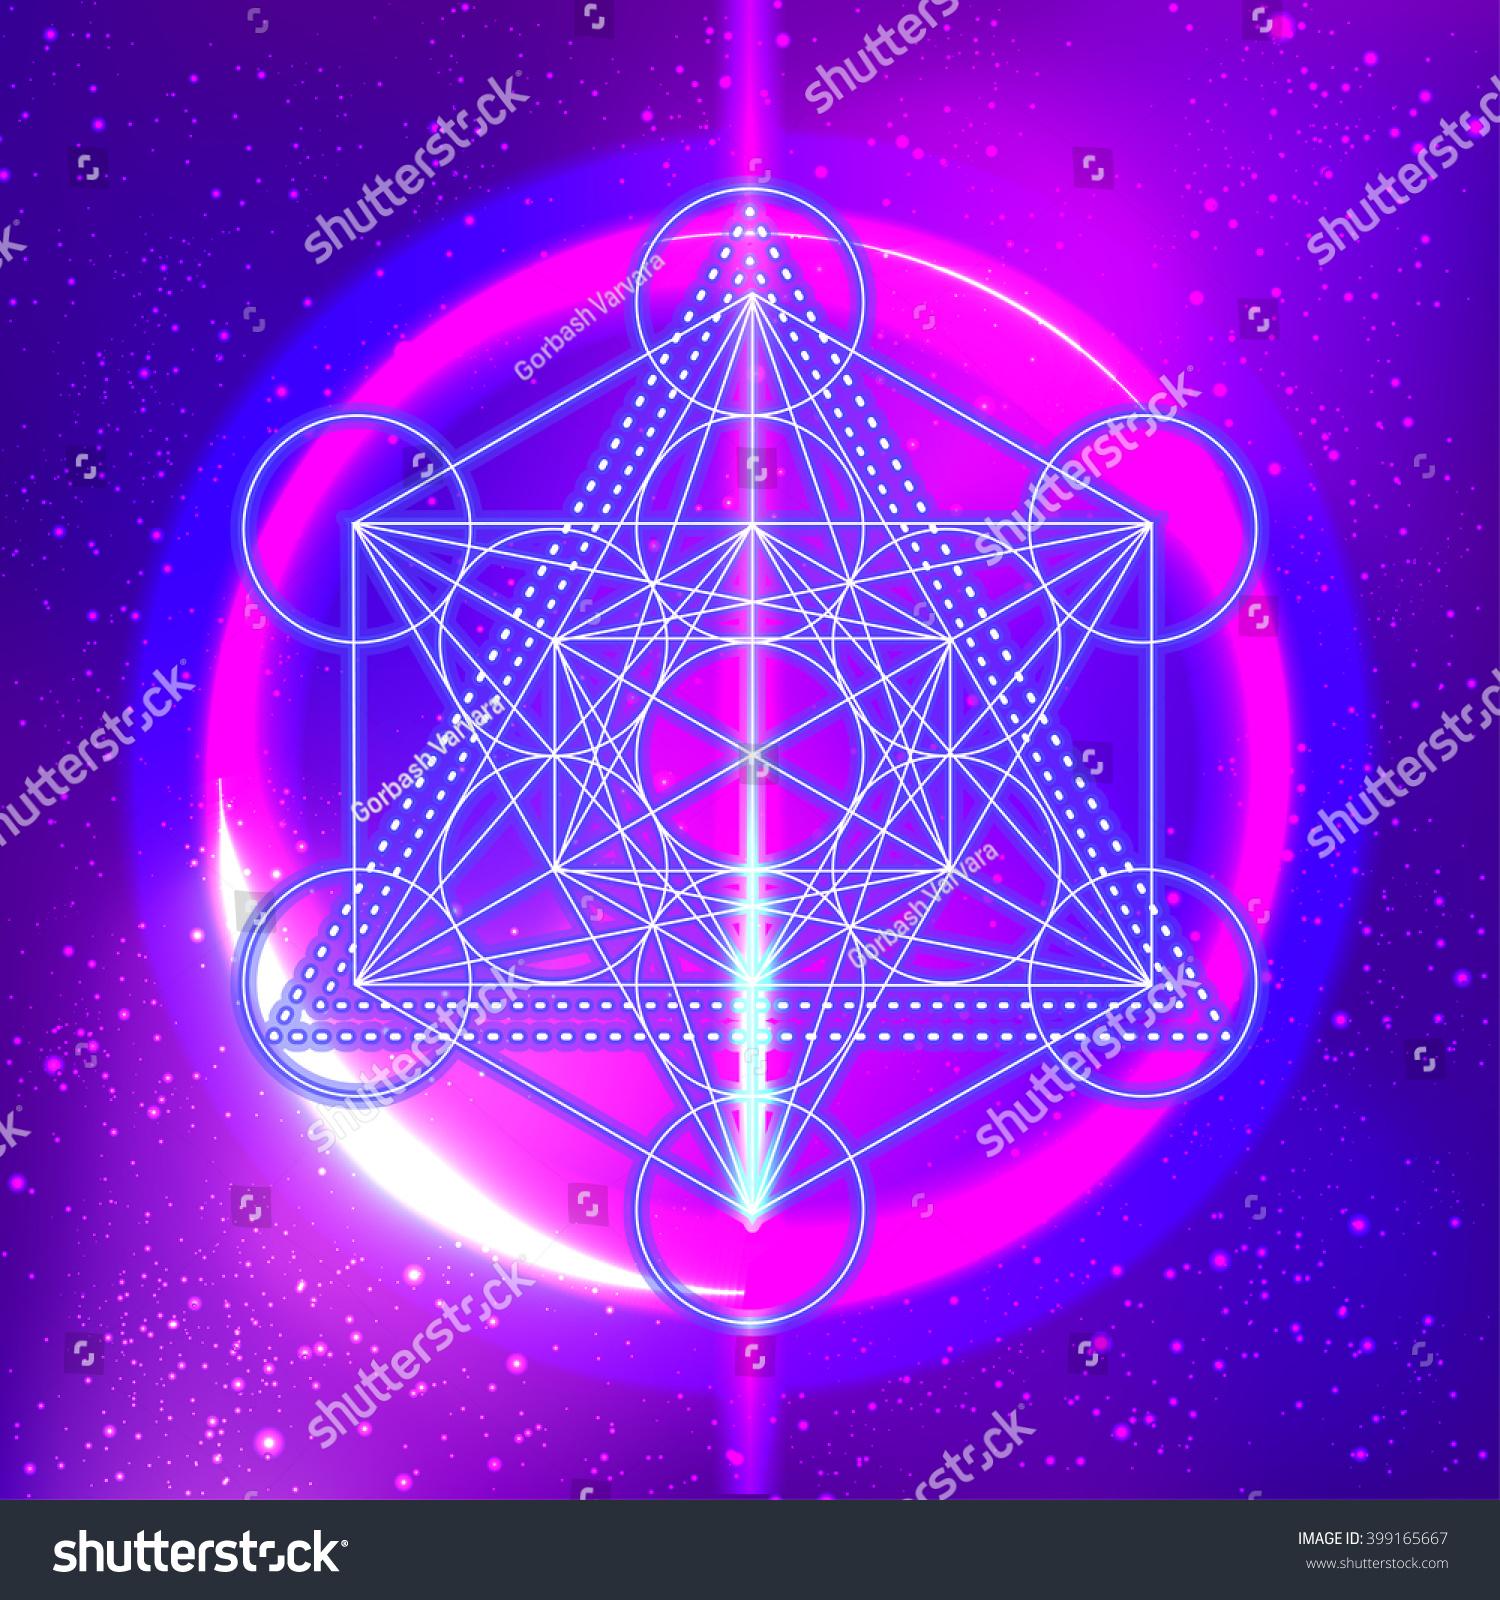 Metatrons Cube Flower Life Sacred Geometry Lager-vektor